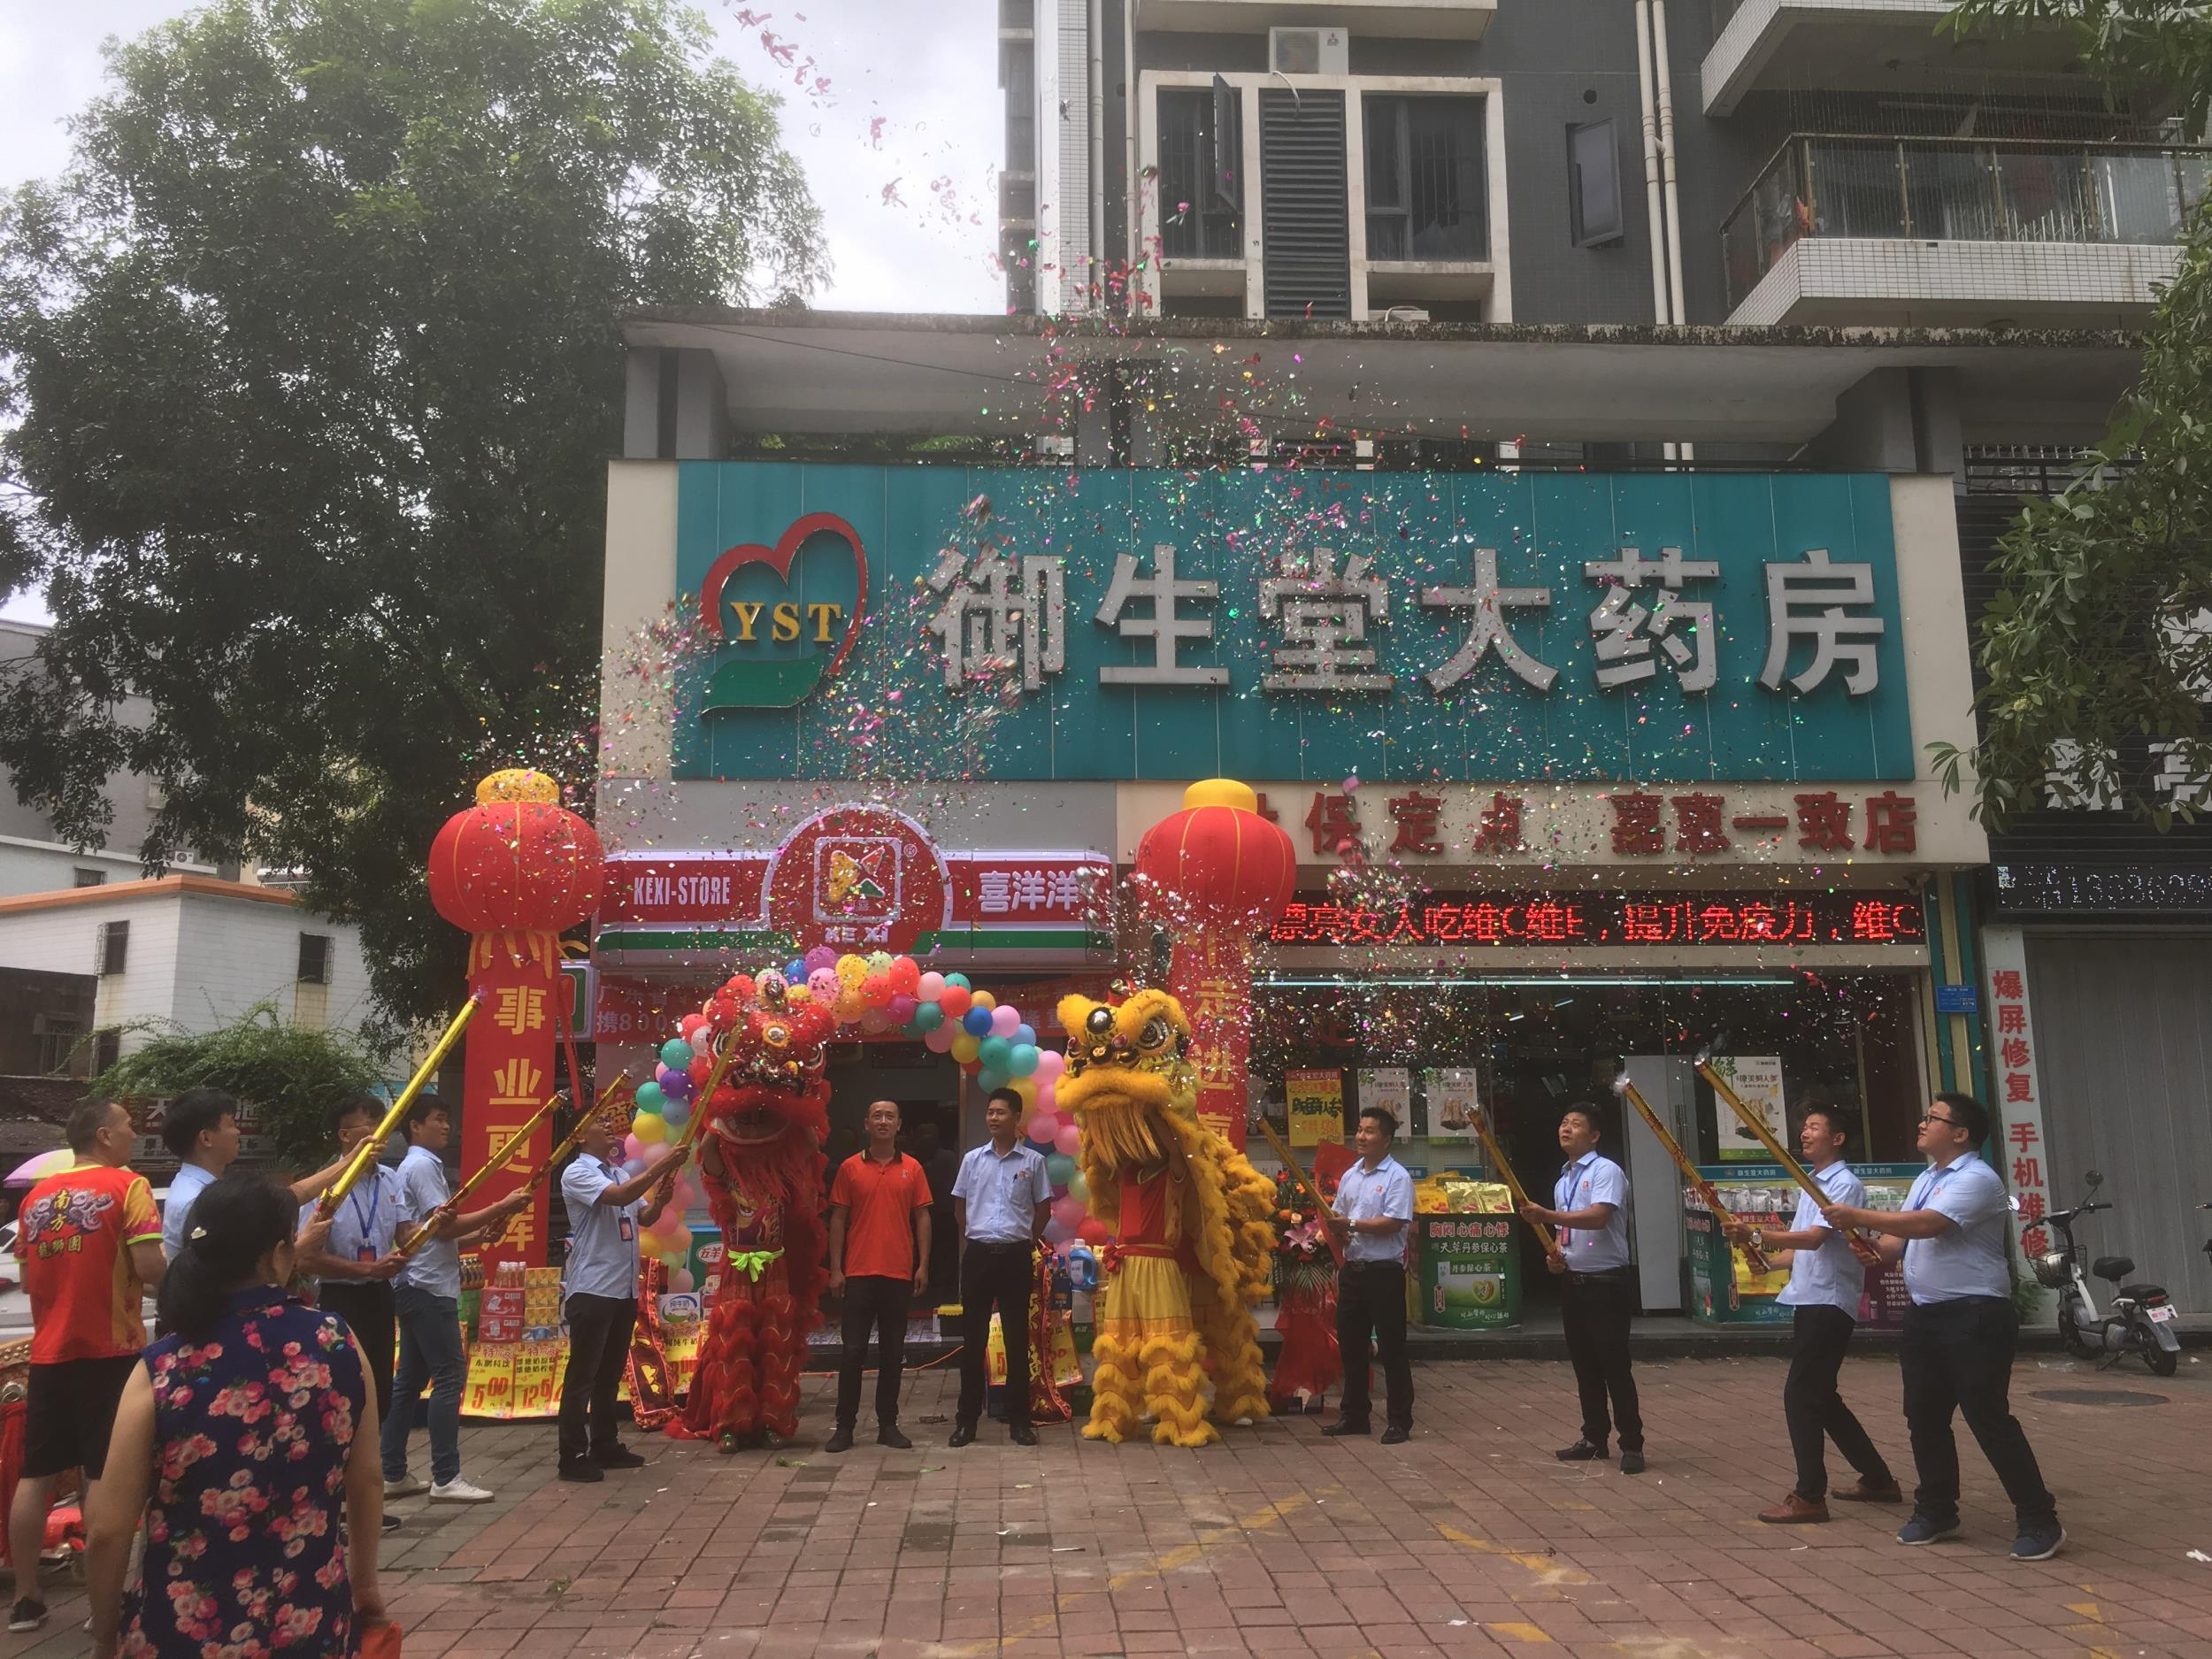 热烈祝贺喜洋洋9月4日又迎来新店开业:惠城TCL 分店